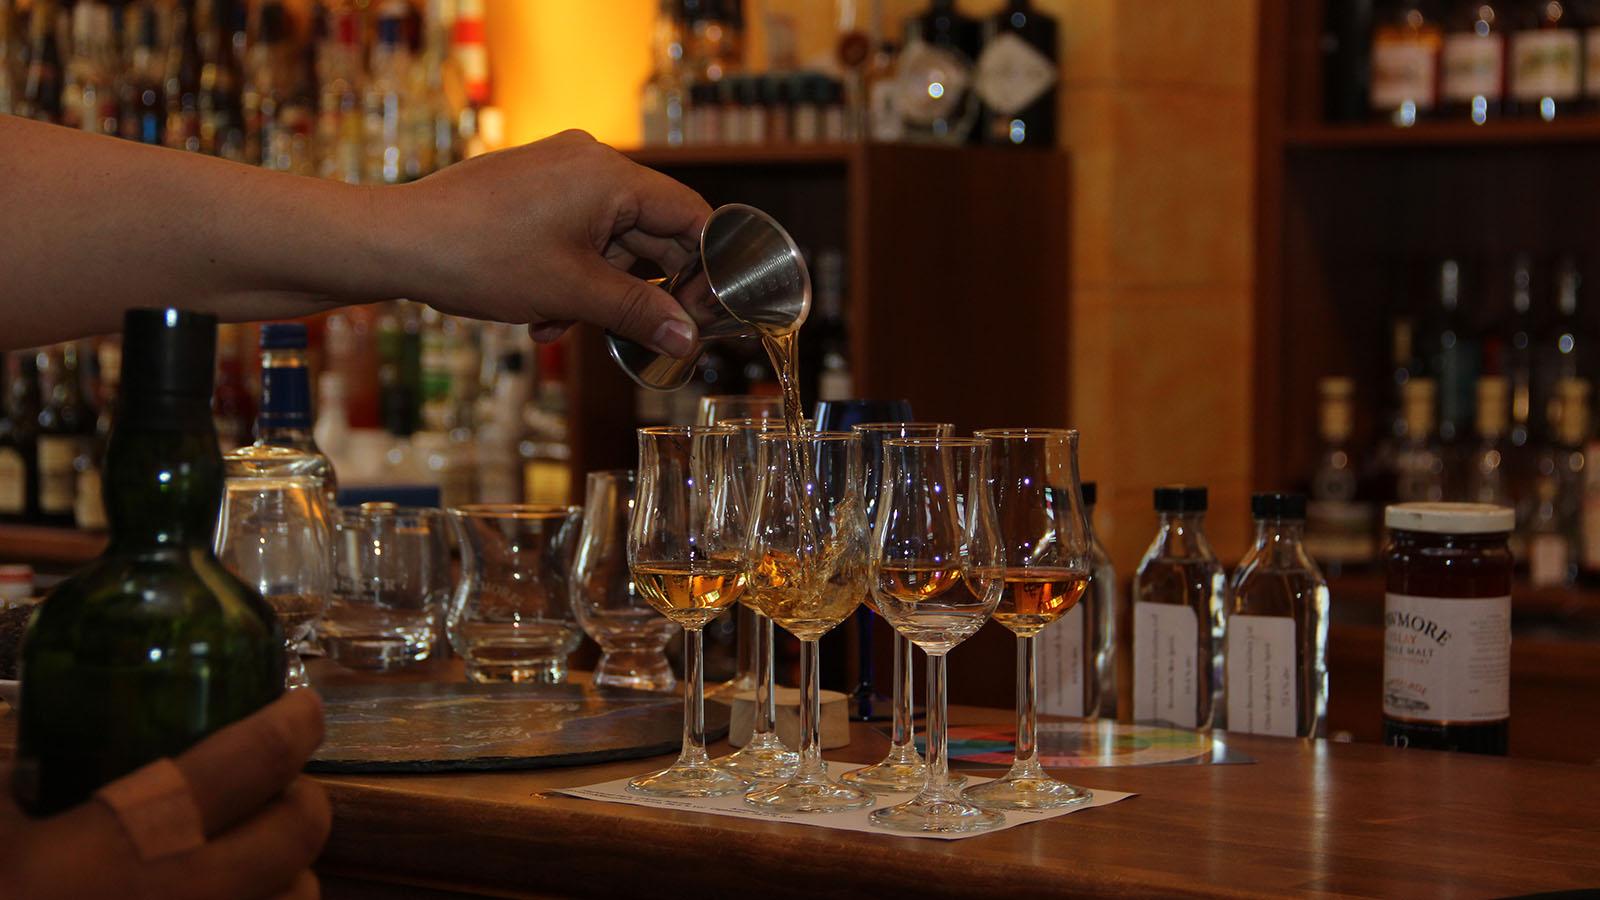 How to do Whisky Tasting - The Whisky Girl